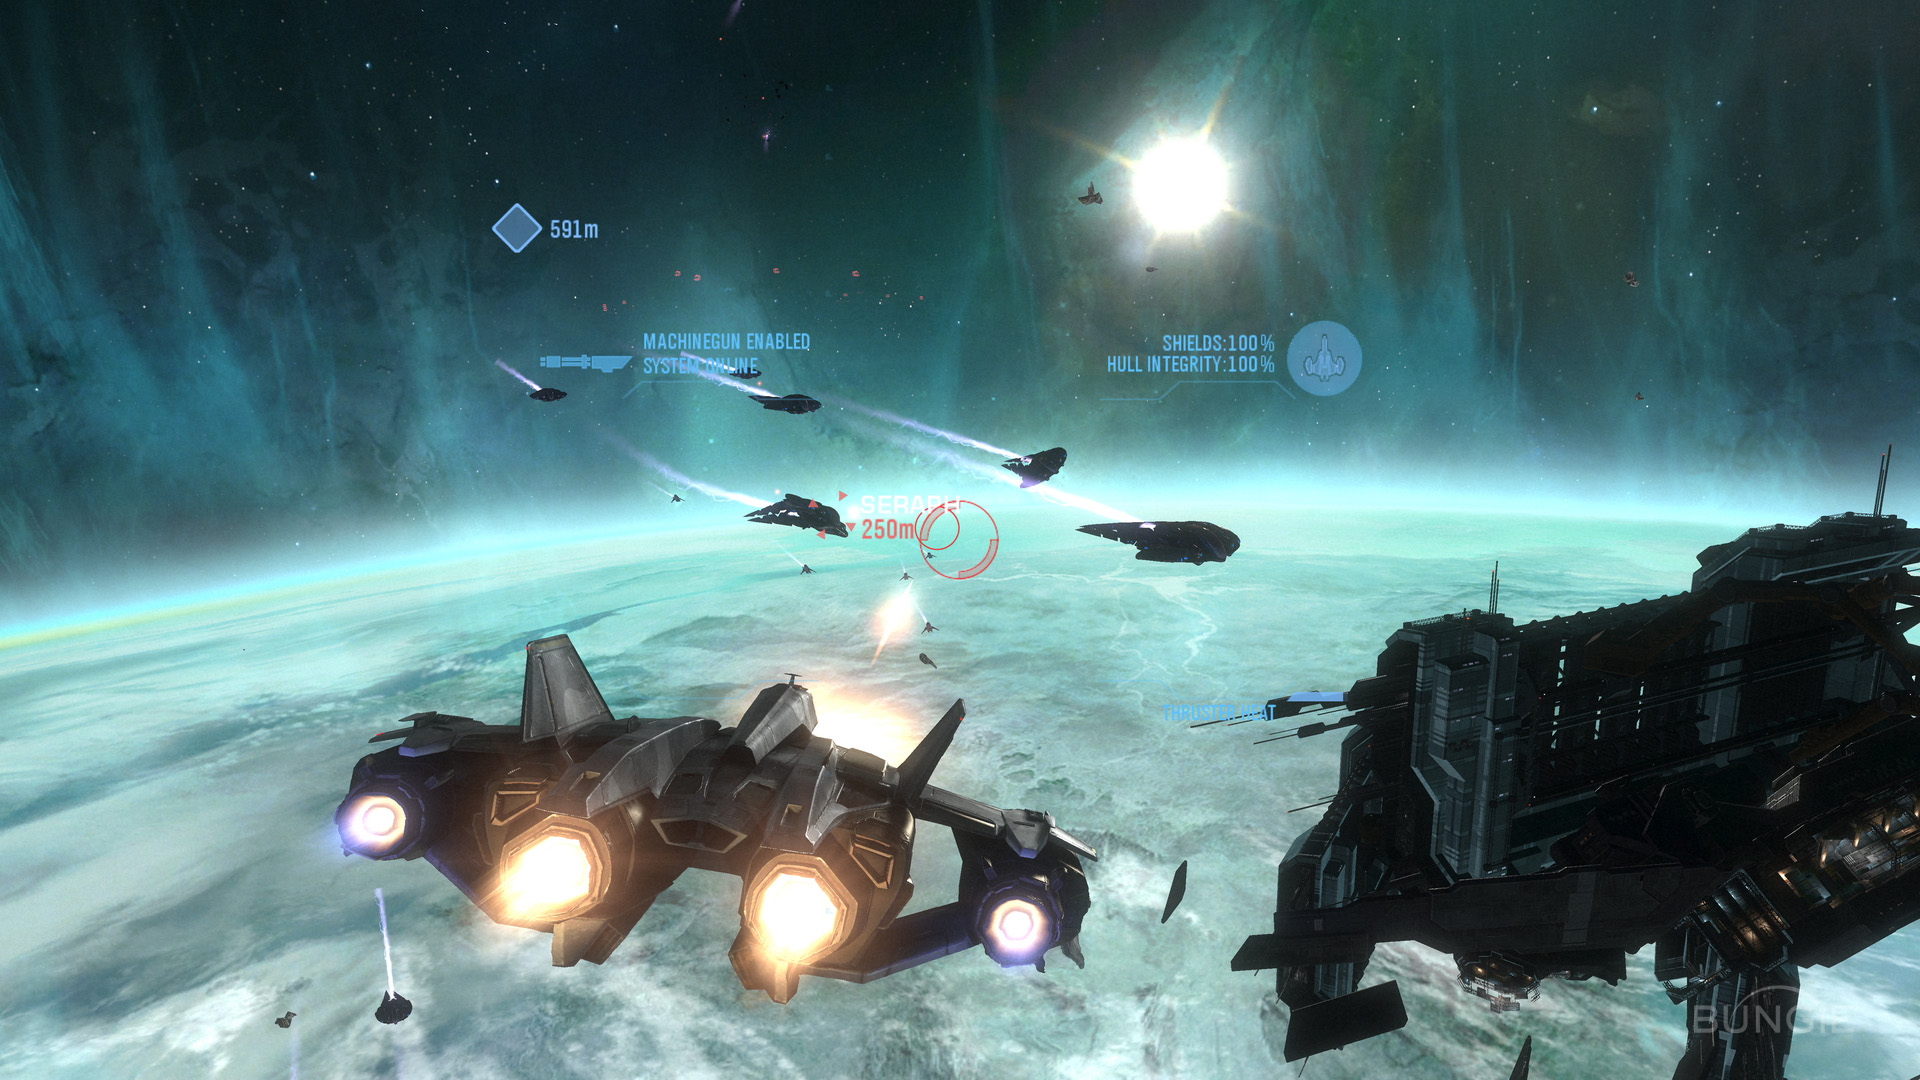 Marvel chystá komiks pro Halo: Reach 5896